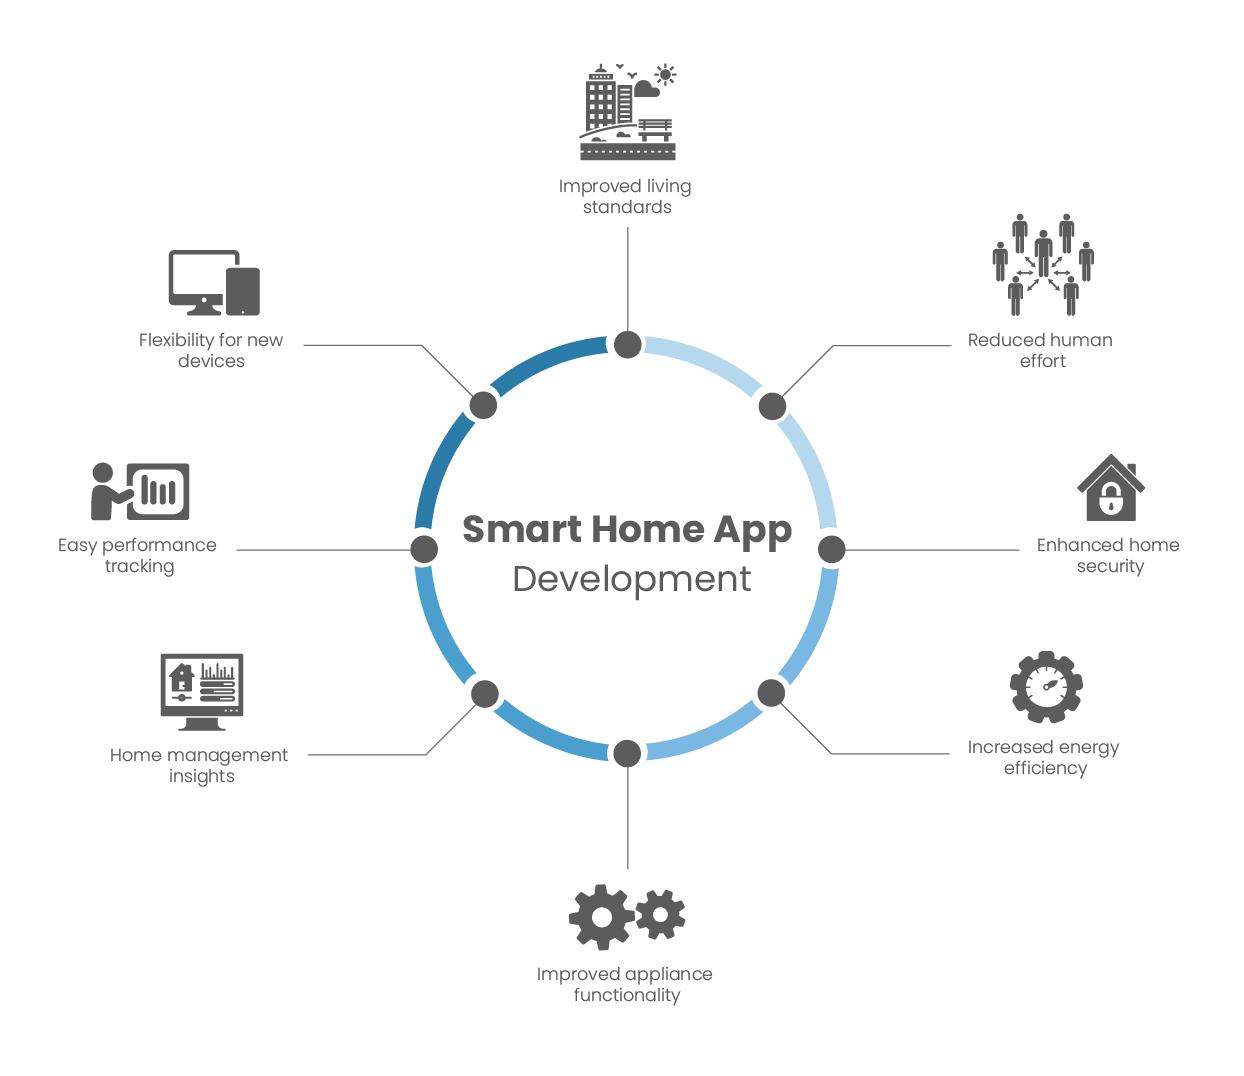 benefits of smart home app development